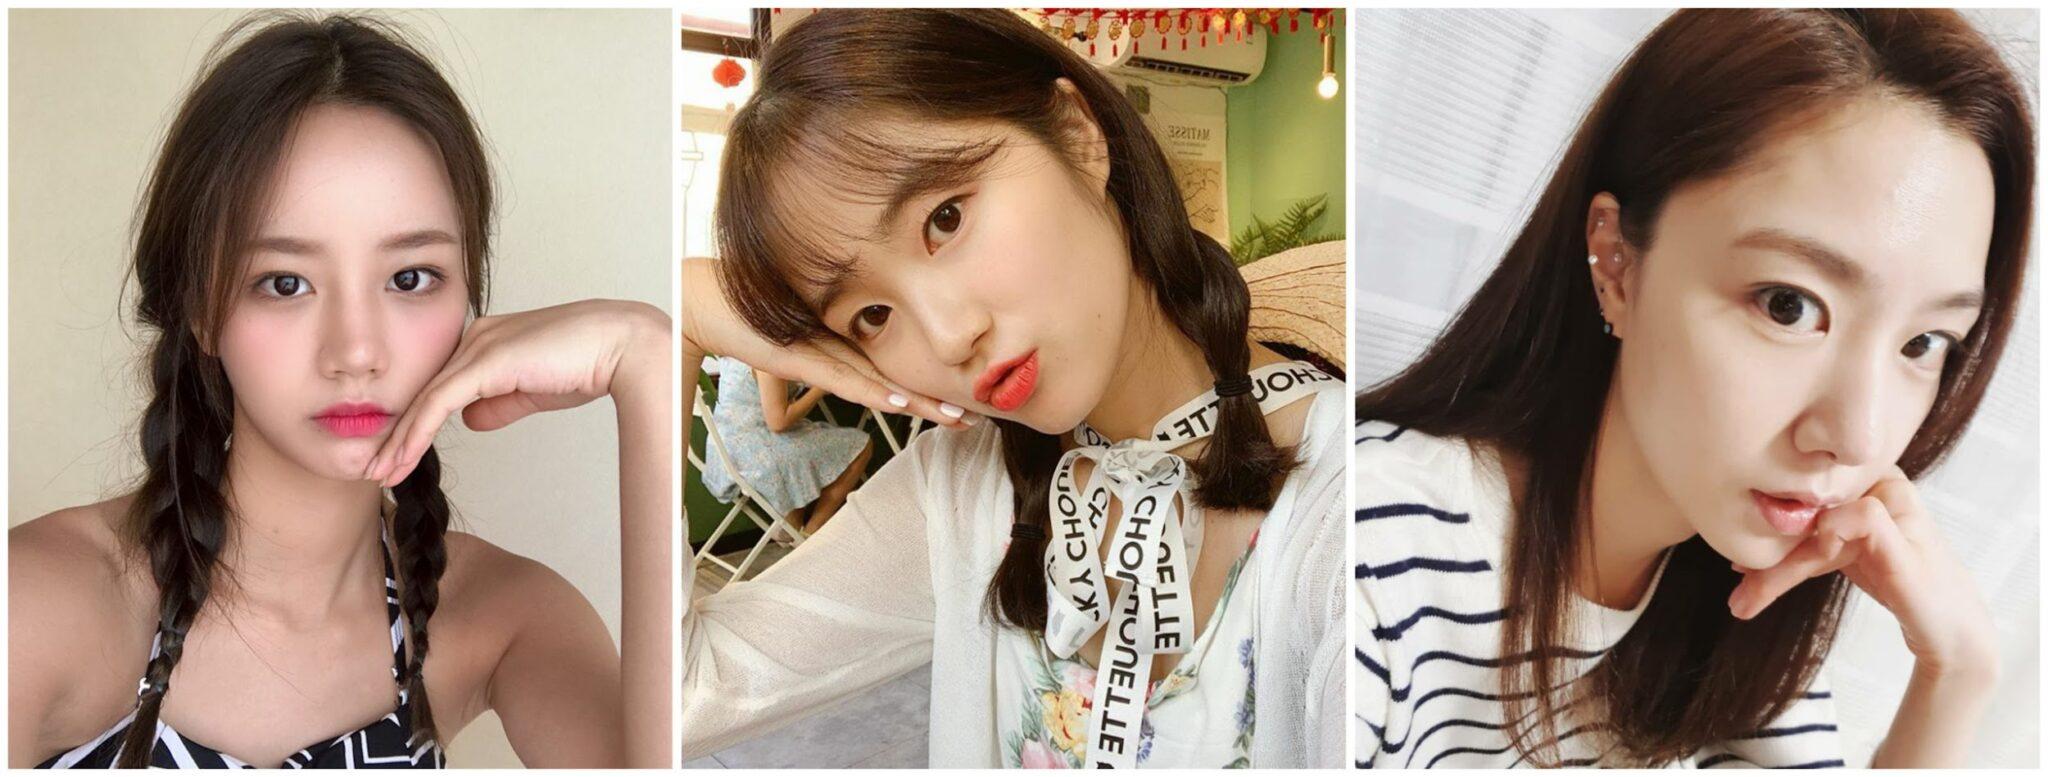 Mẹo chụp ảnh Instagram của Hàn Quốc - tạo dáng bằng tay